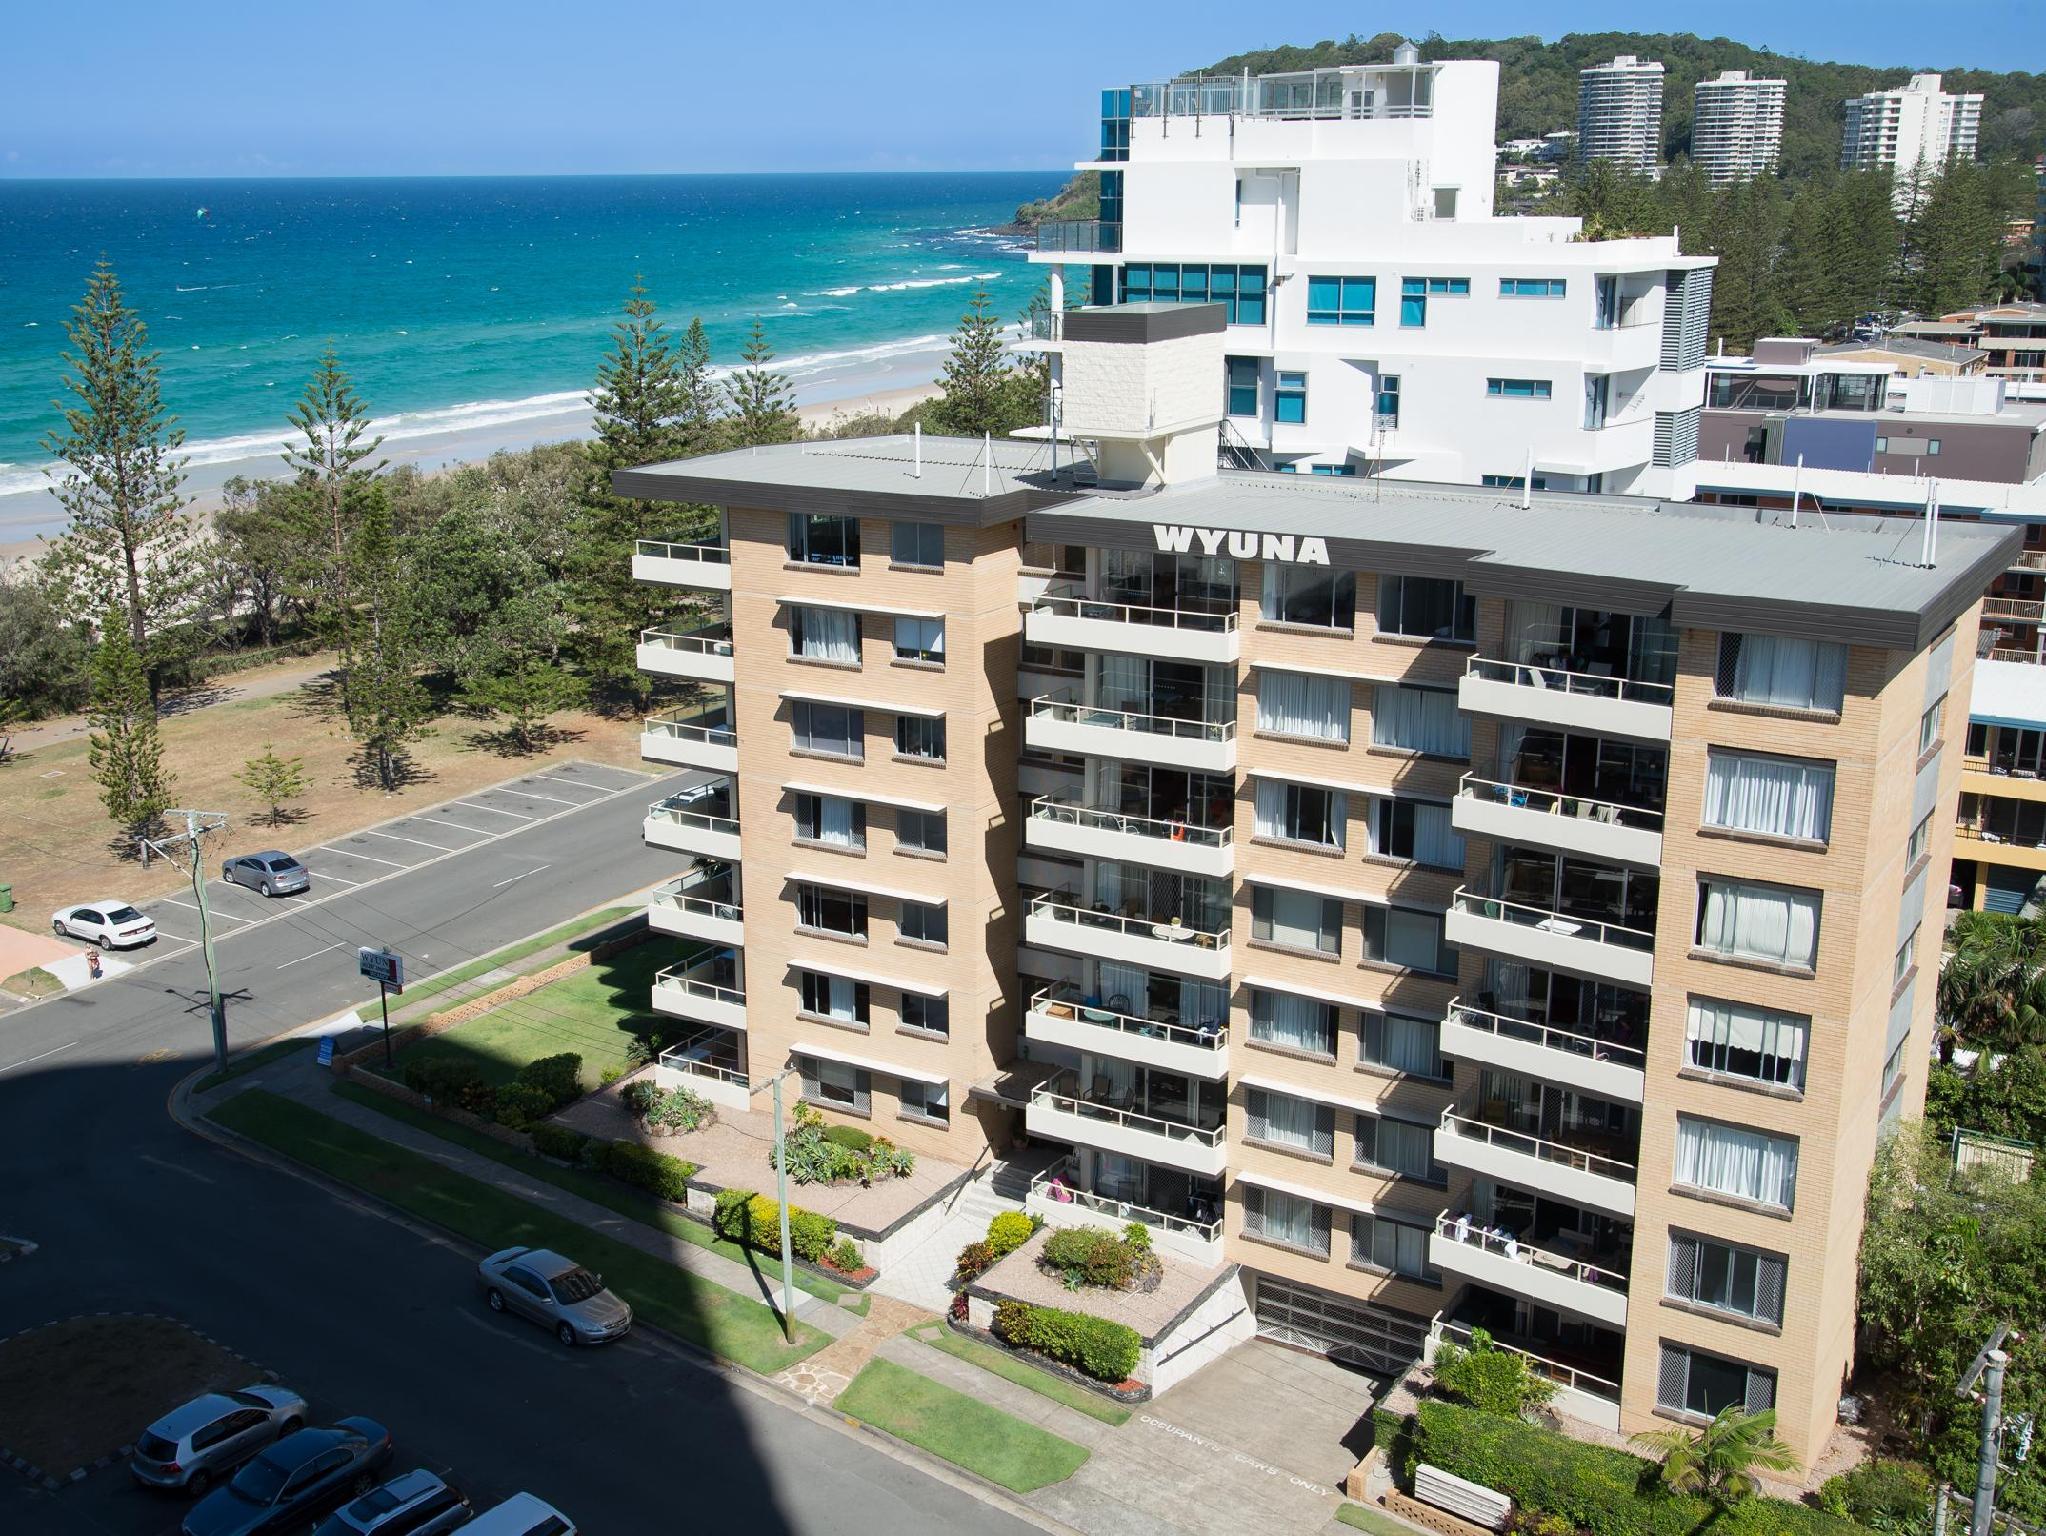 Wyuna Beachfront Apartments